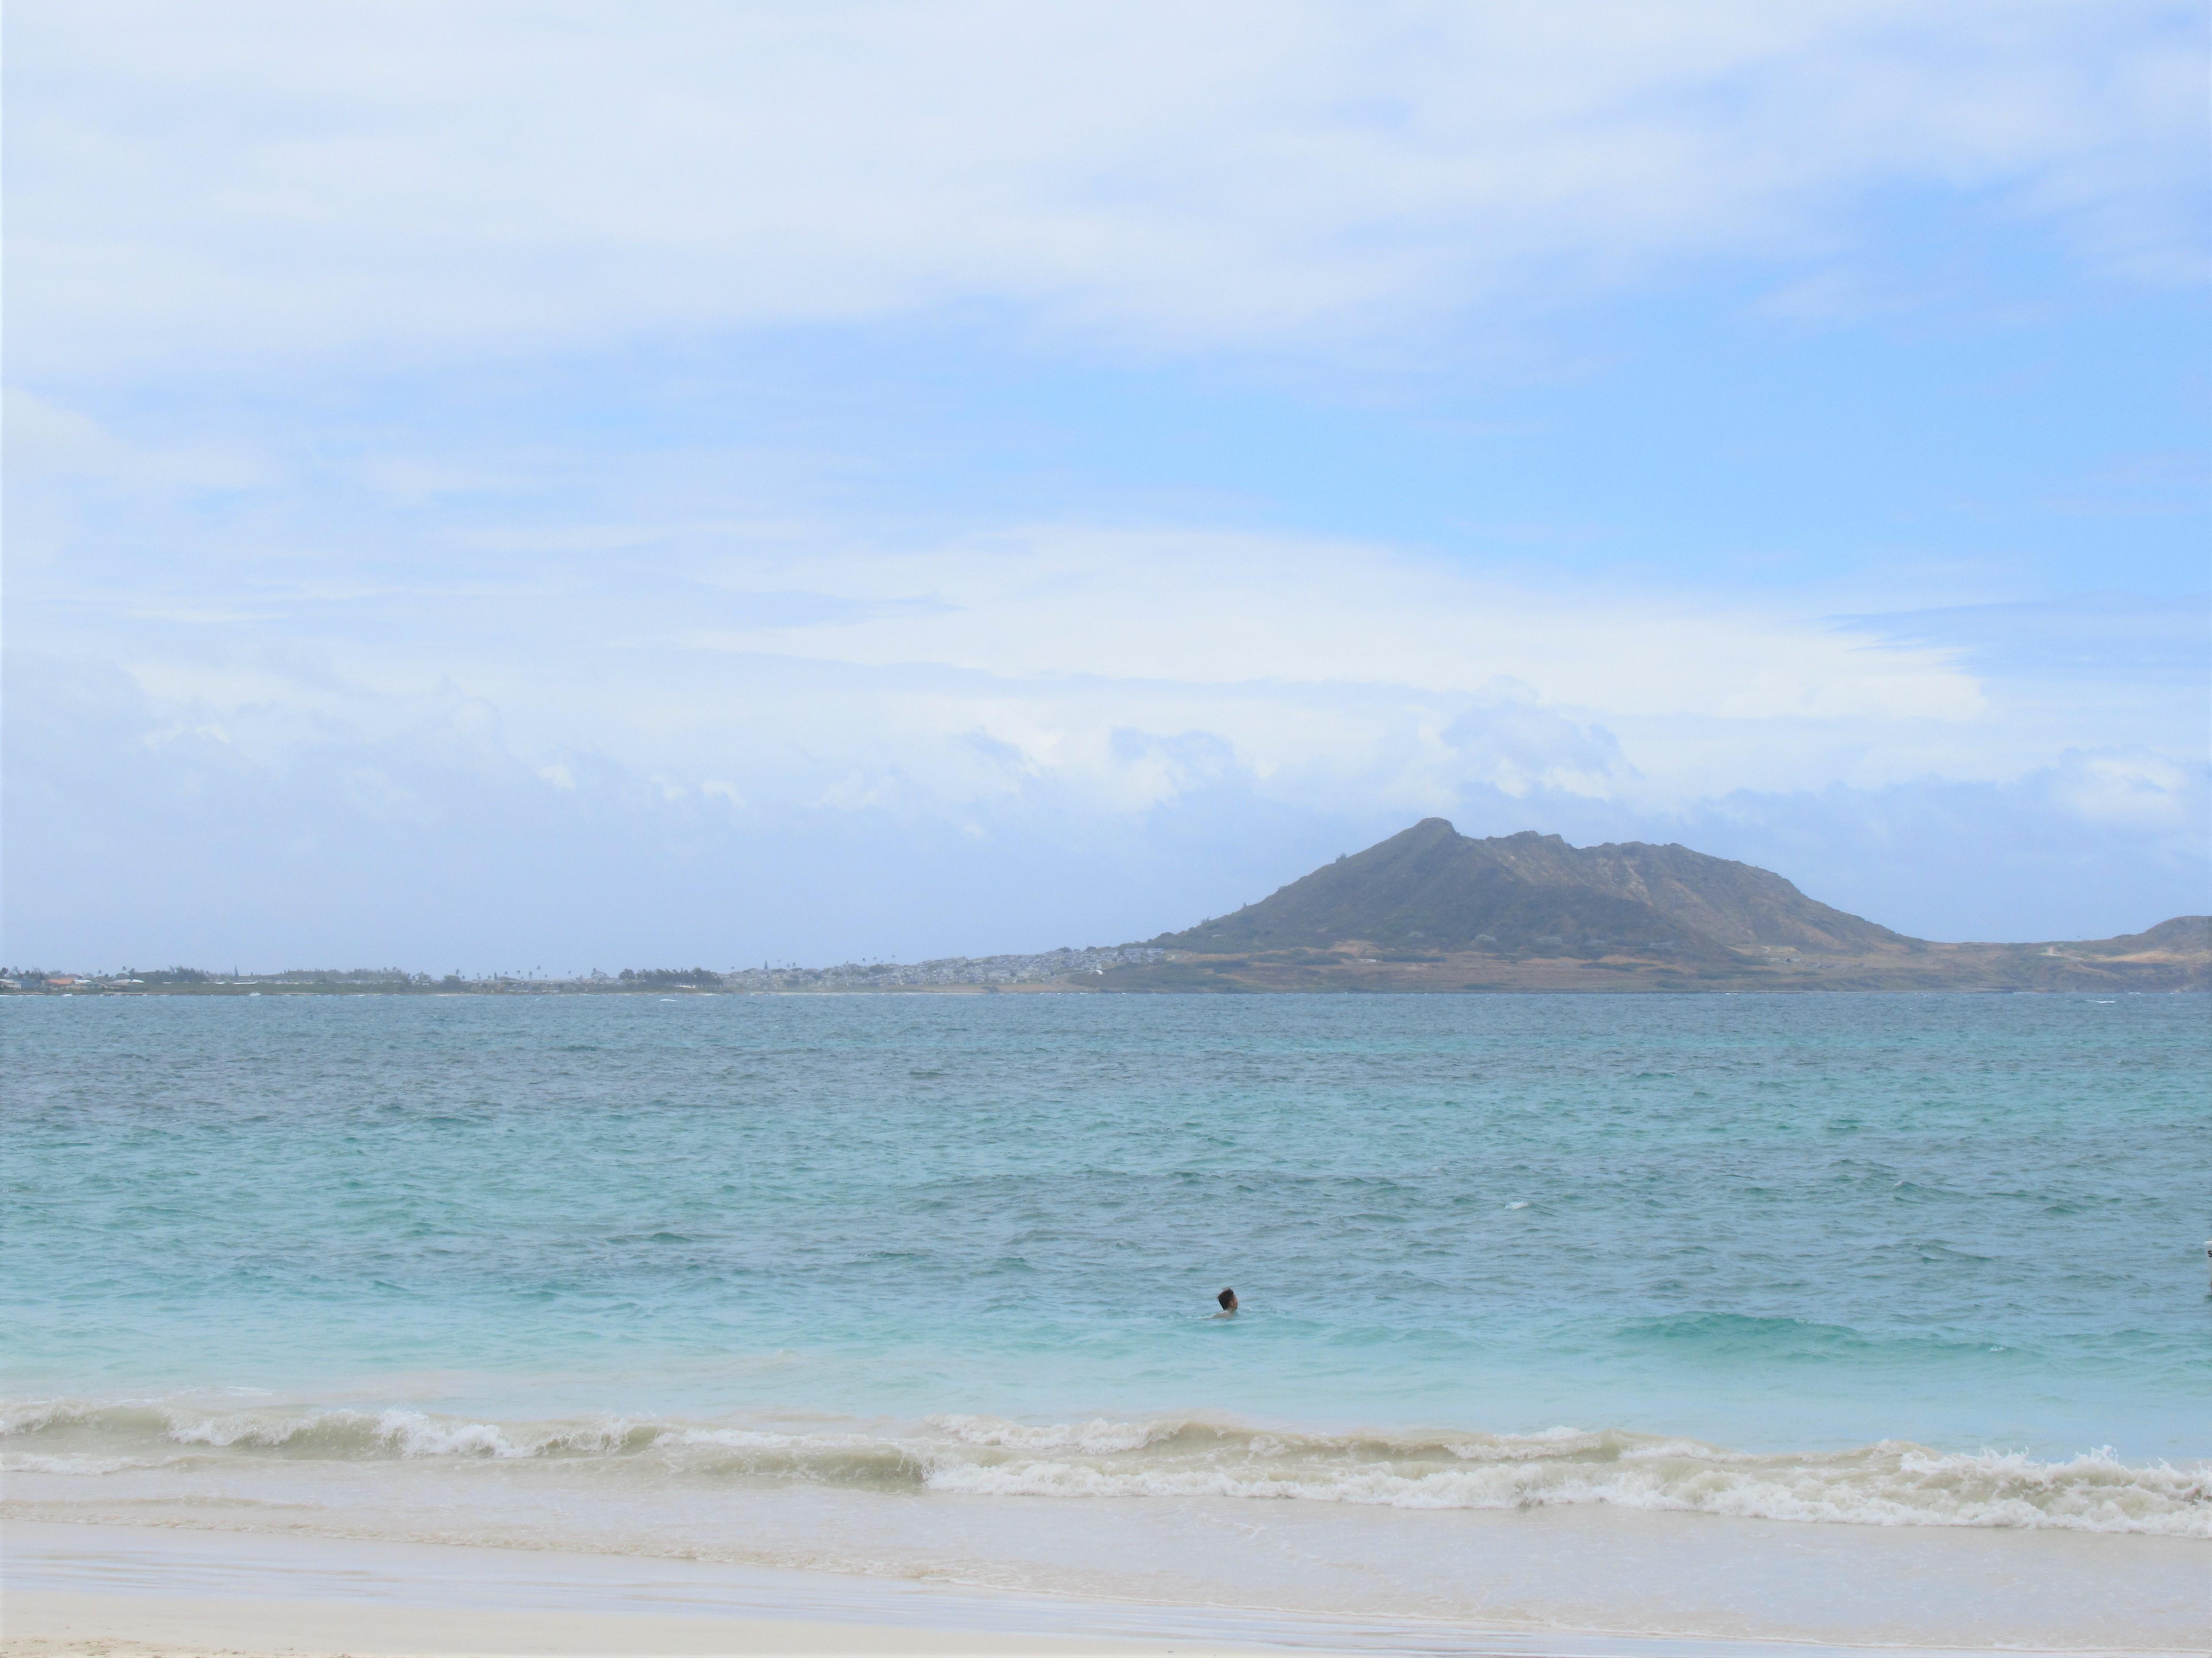 カイルアビーチで遊ぶ?サーフィン?カヤック?目的別な場所のポイント|子連れハワイブログ